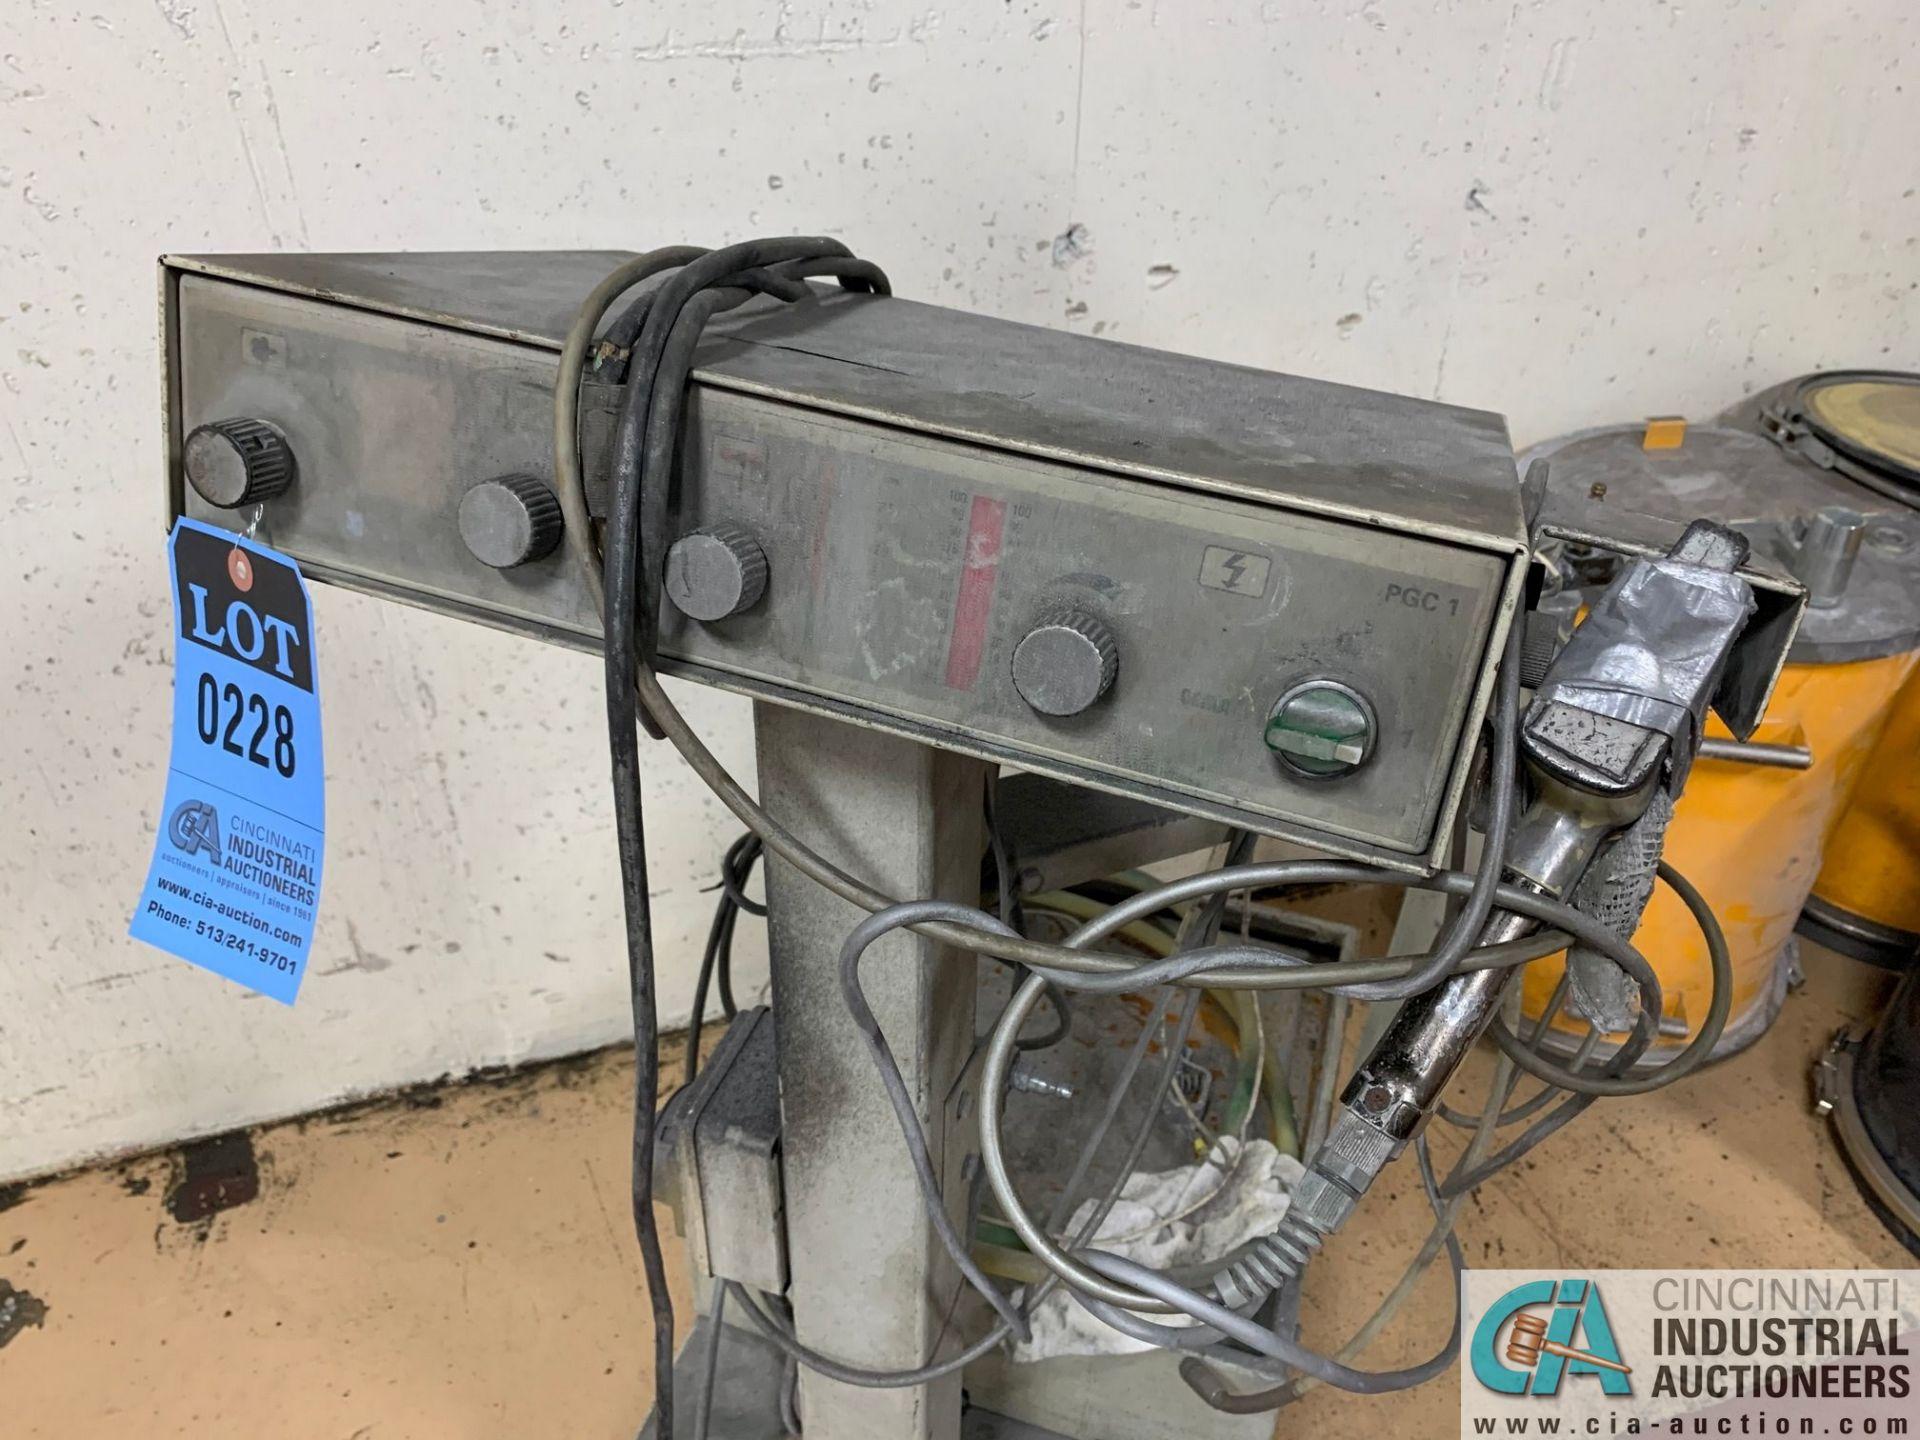 GEMA TYPE PGC-1 HAND POWDER COAT GUN; S/N 810413618 - Image 2 of 5